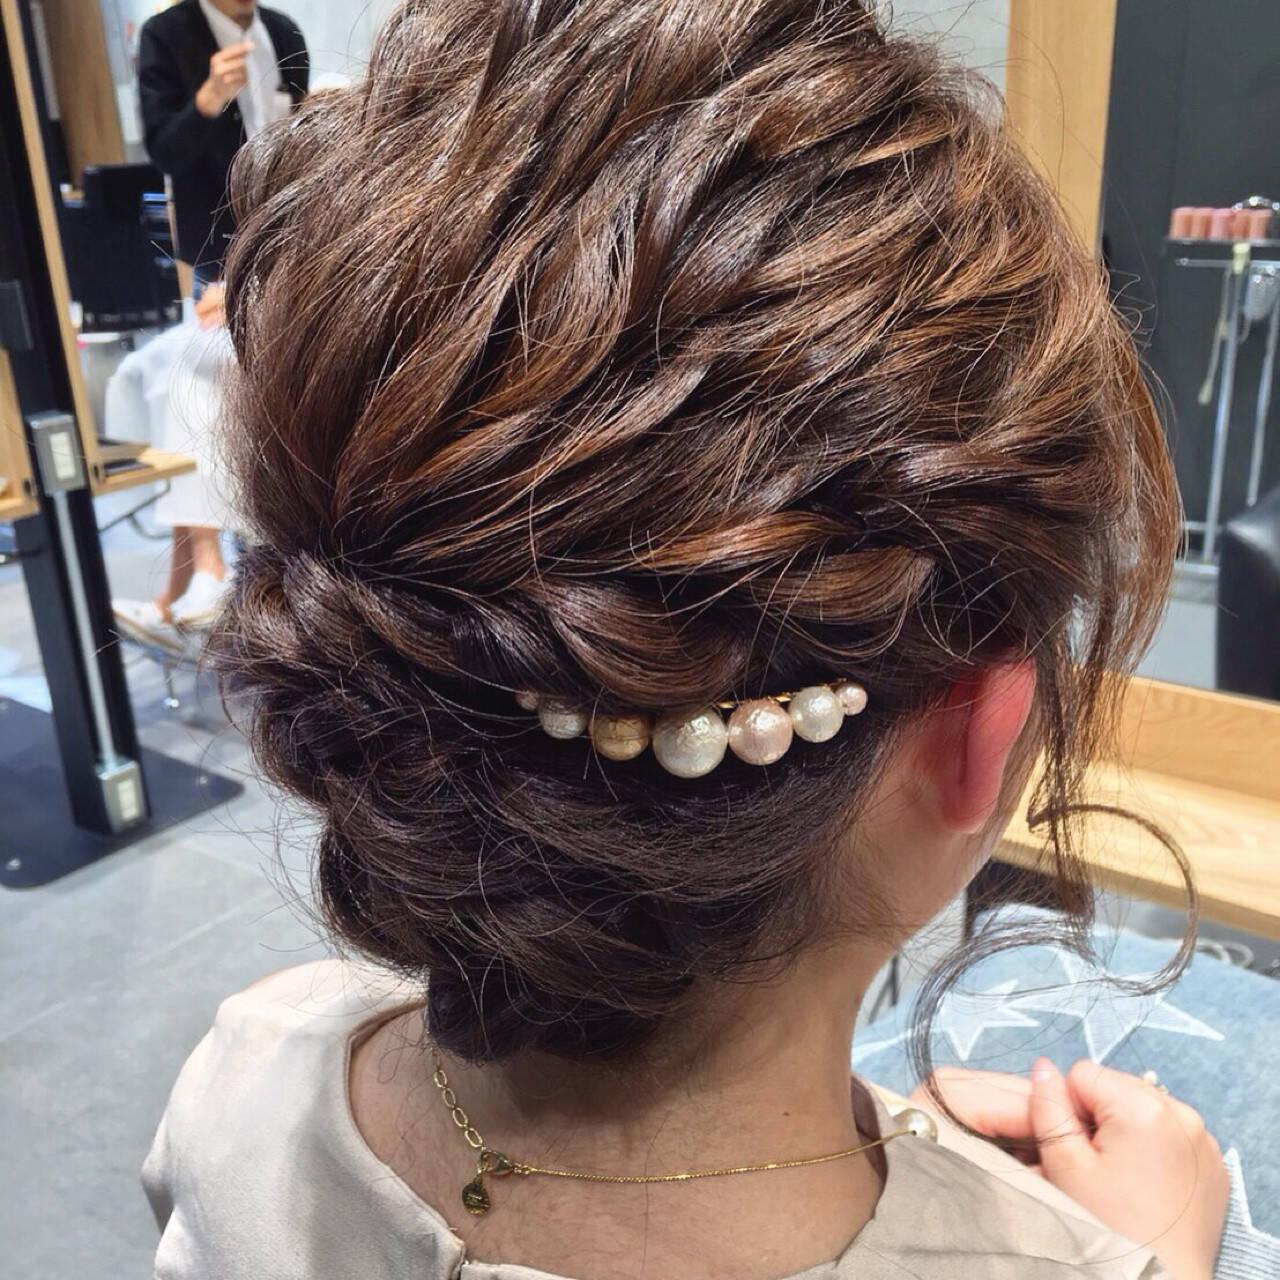 ヘアアレンジ 大人女子 ハーフアップ ショートヘアスタイルや髪型の写真・画像